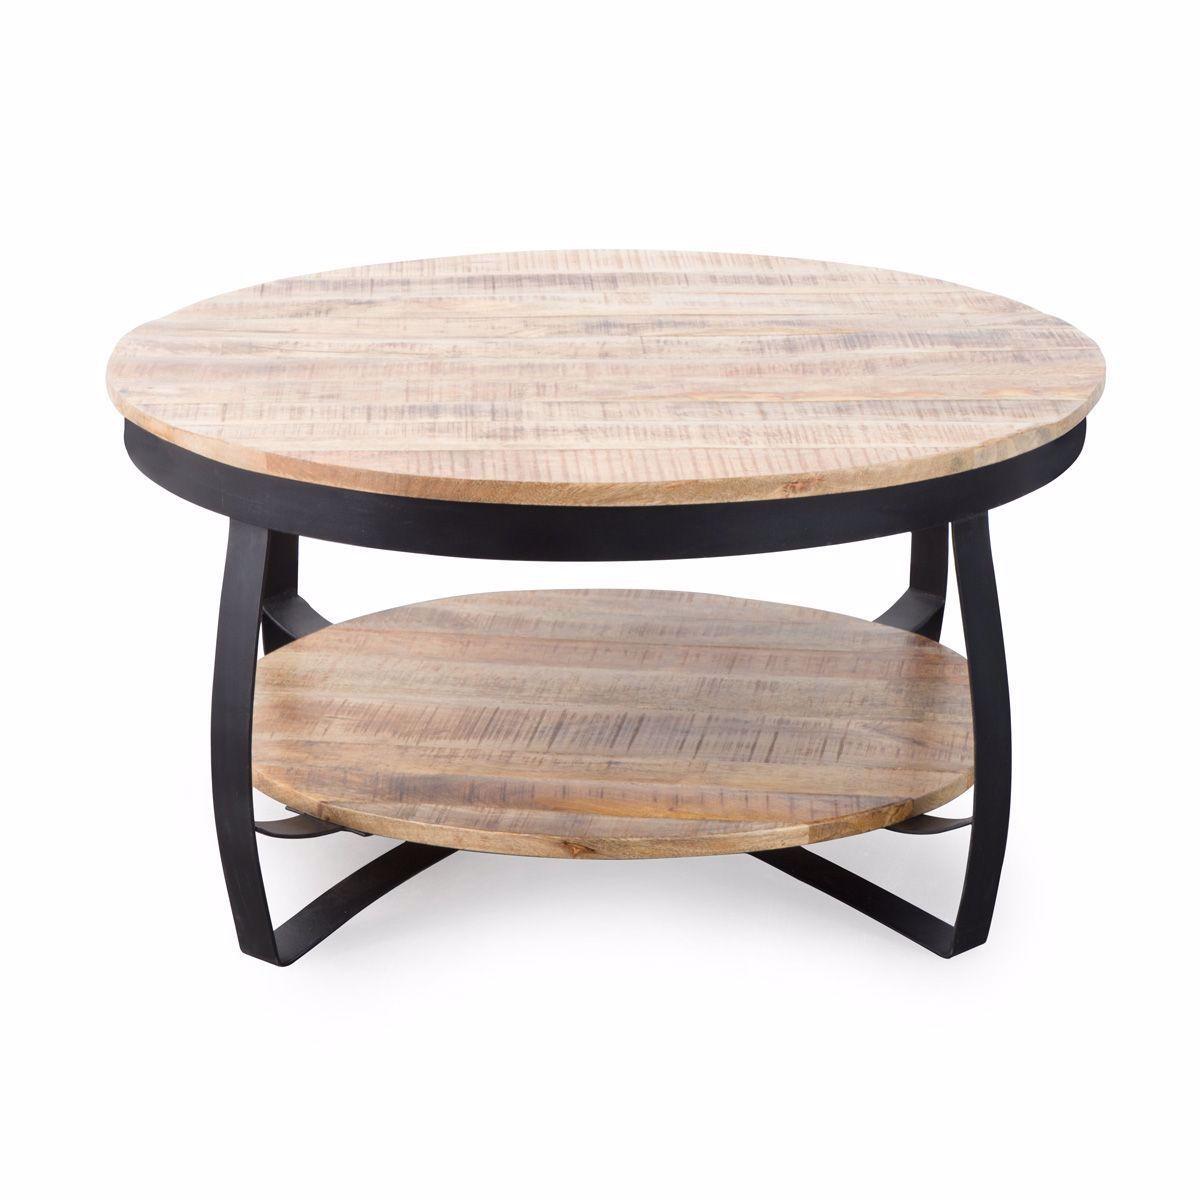 Table Basse Industrielle Ronde Bois Et Metal Deux Plateaux Gl48 Taille Taille Unique In 2020 Coffee Table Table Metal Coffee Table